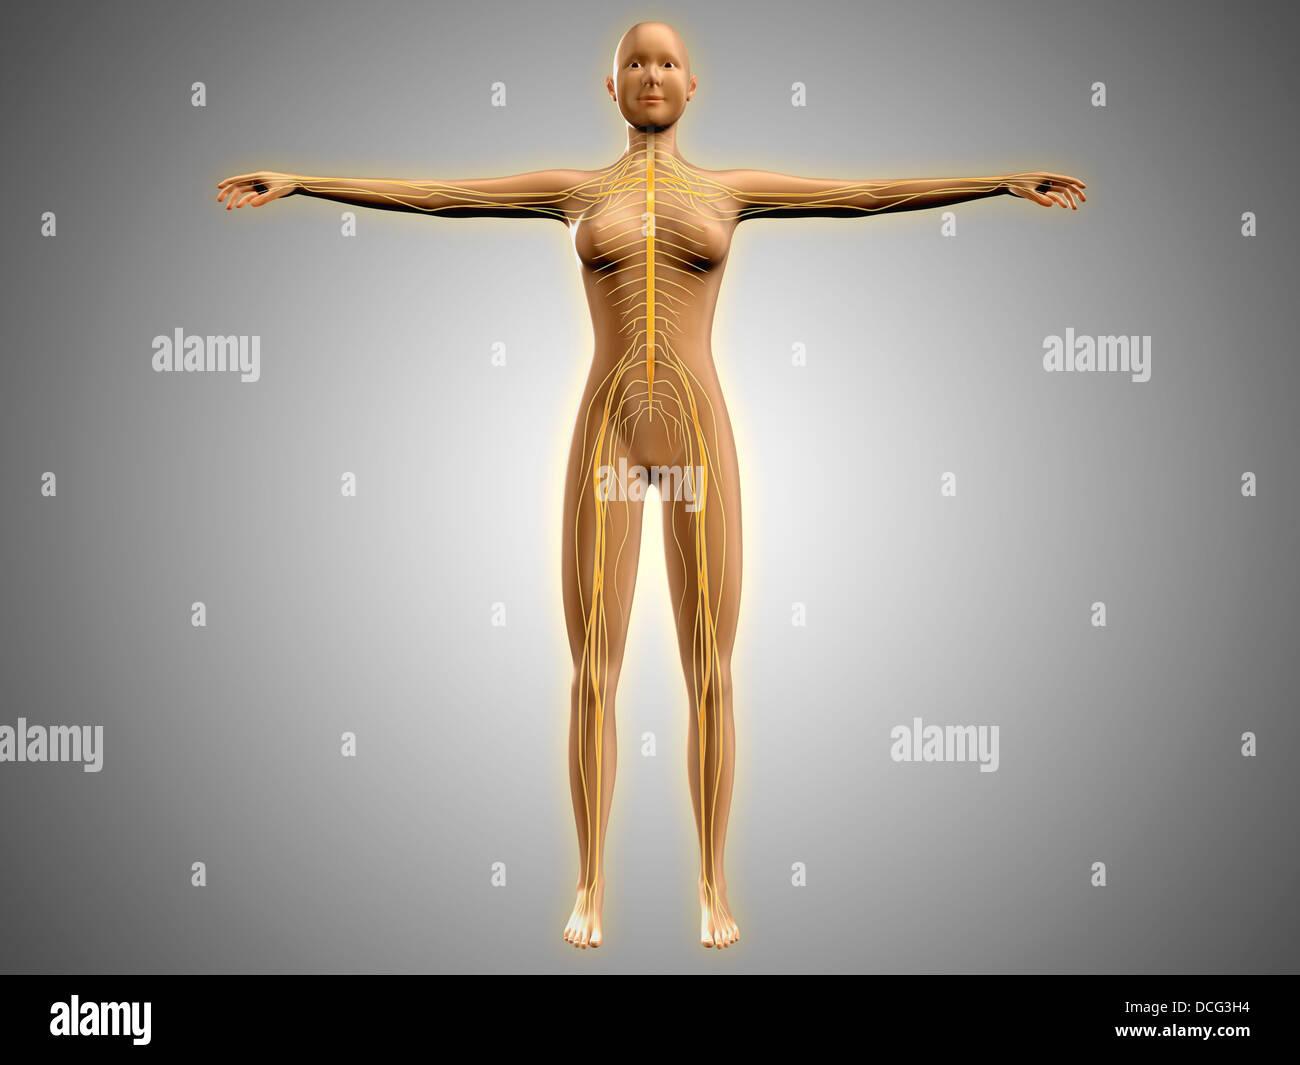 Anatomy of female body with nervous system Stock Photo: 59361040 - Alamy